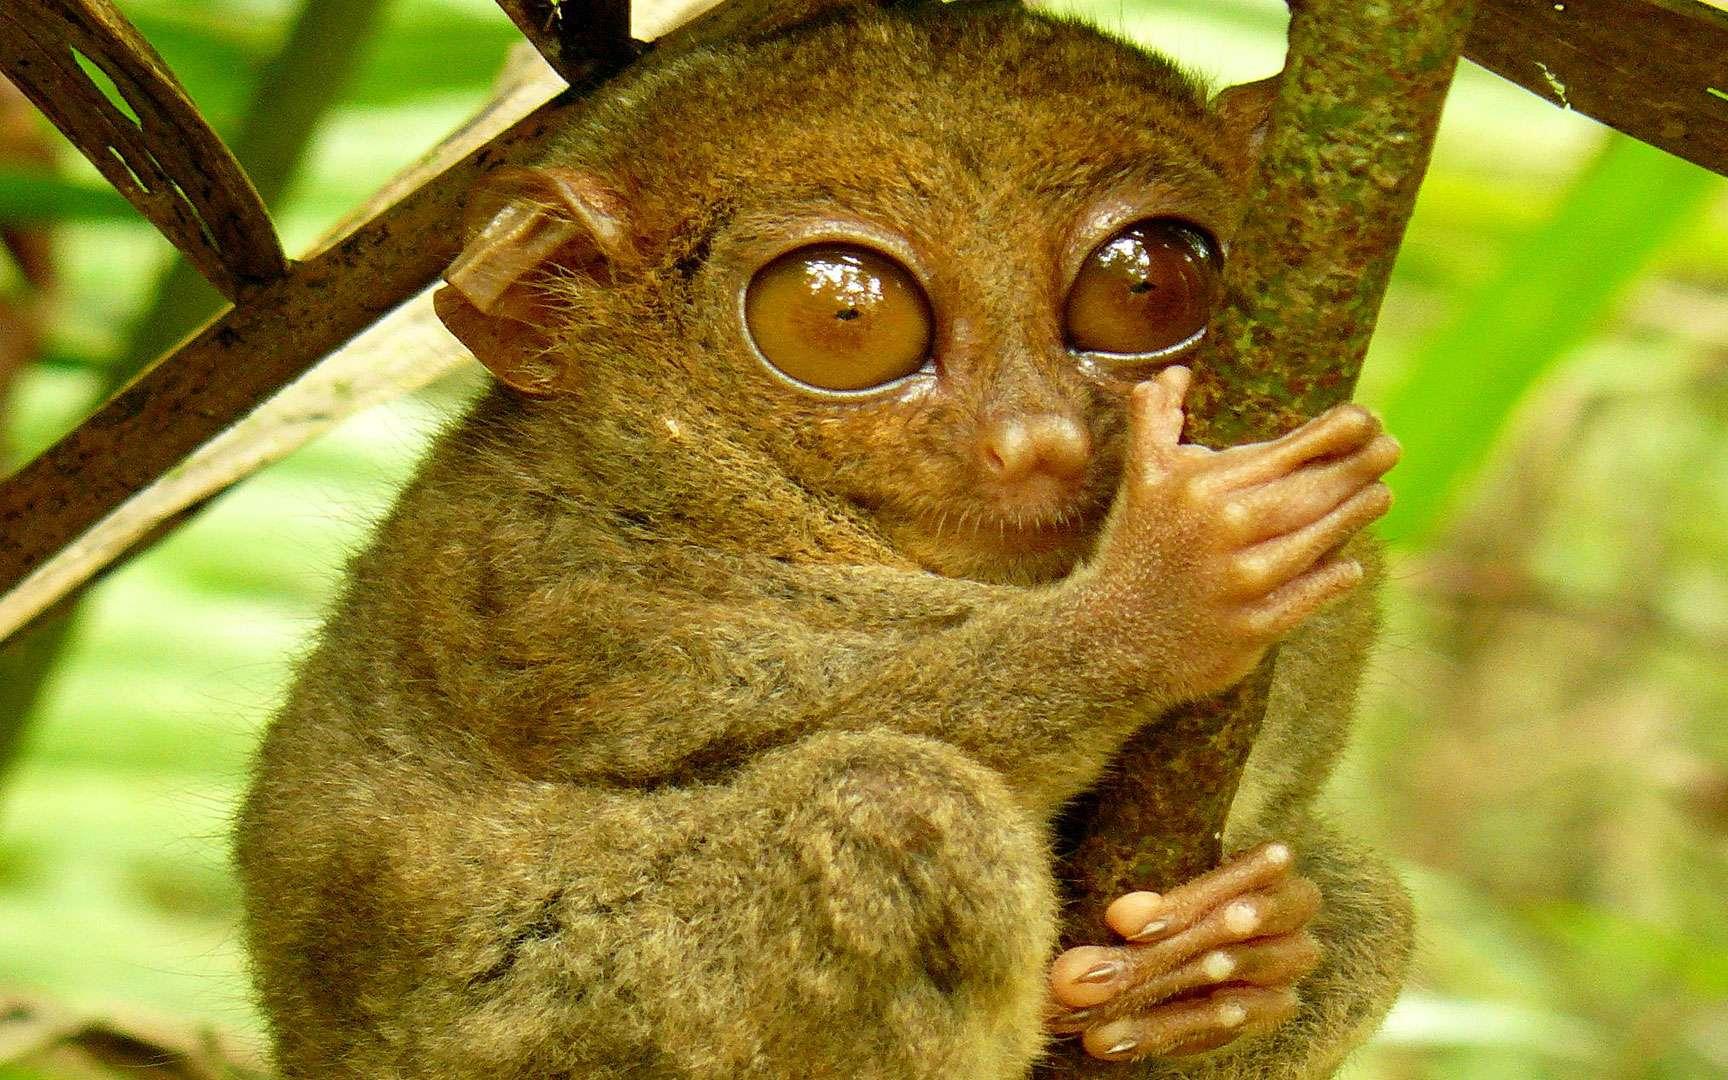 Le tarsier des Philippines, petit primate au cou élastique. Le tarsier des Philippines (Tarsius syrichta) est, comme son nom l'indique, une espèce endémique des Philippines. Il est incapable de bouger ses yeux mais peut tourner sa tête de 180 degrés. C'est l'un des plus petits primates du monde. Poids : entre 120 et 140 g Taille : entre 8 et 16 cm © Roberto Verzo, Flickr, cc by 2.0